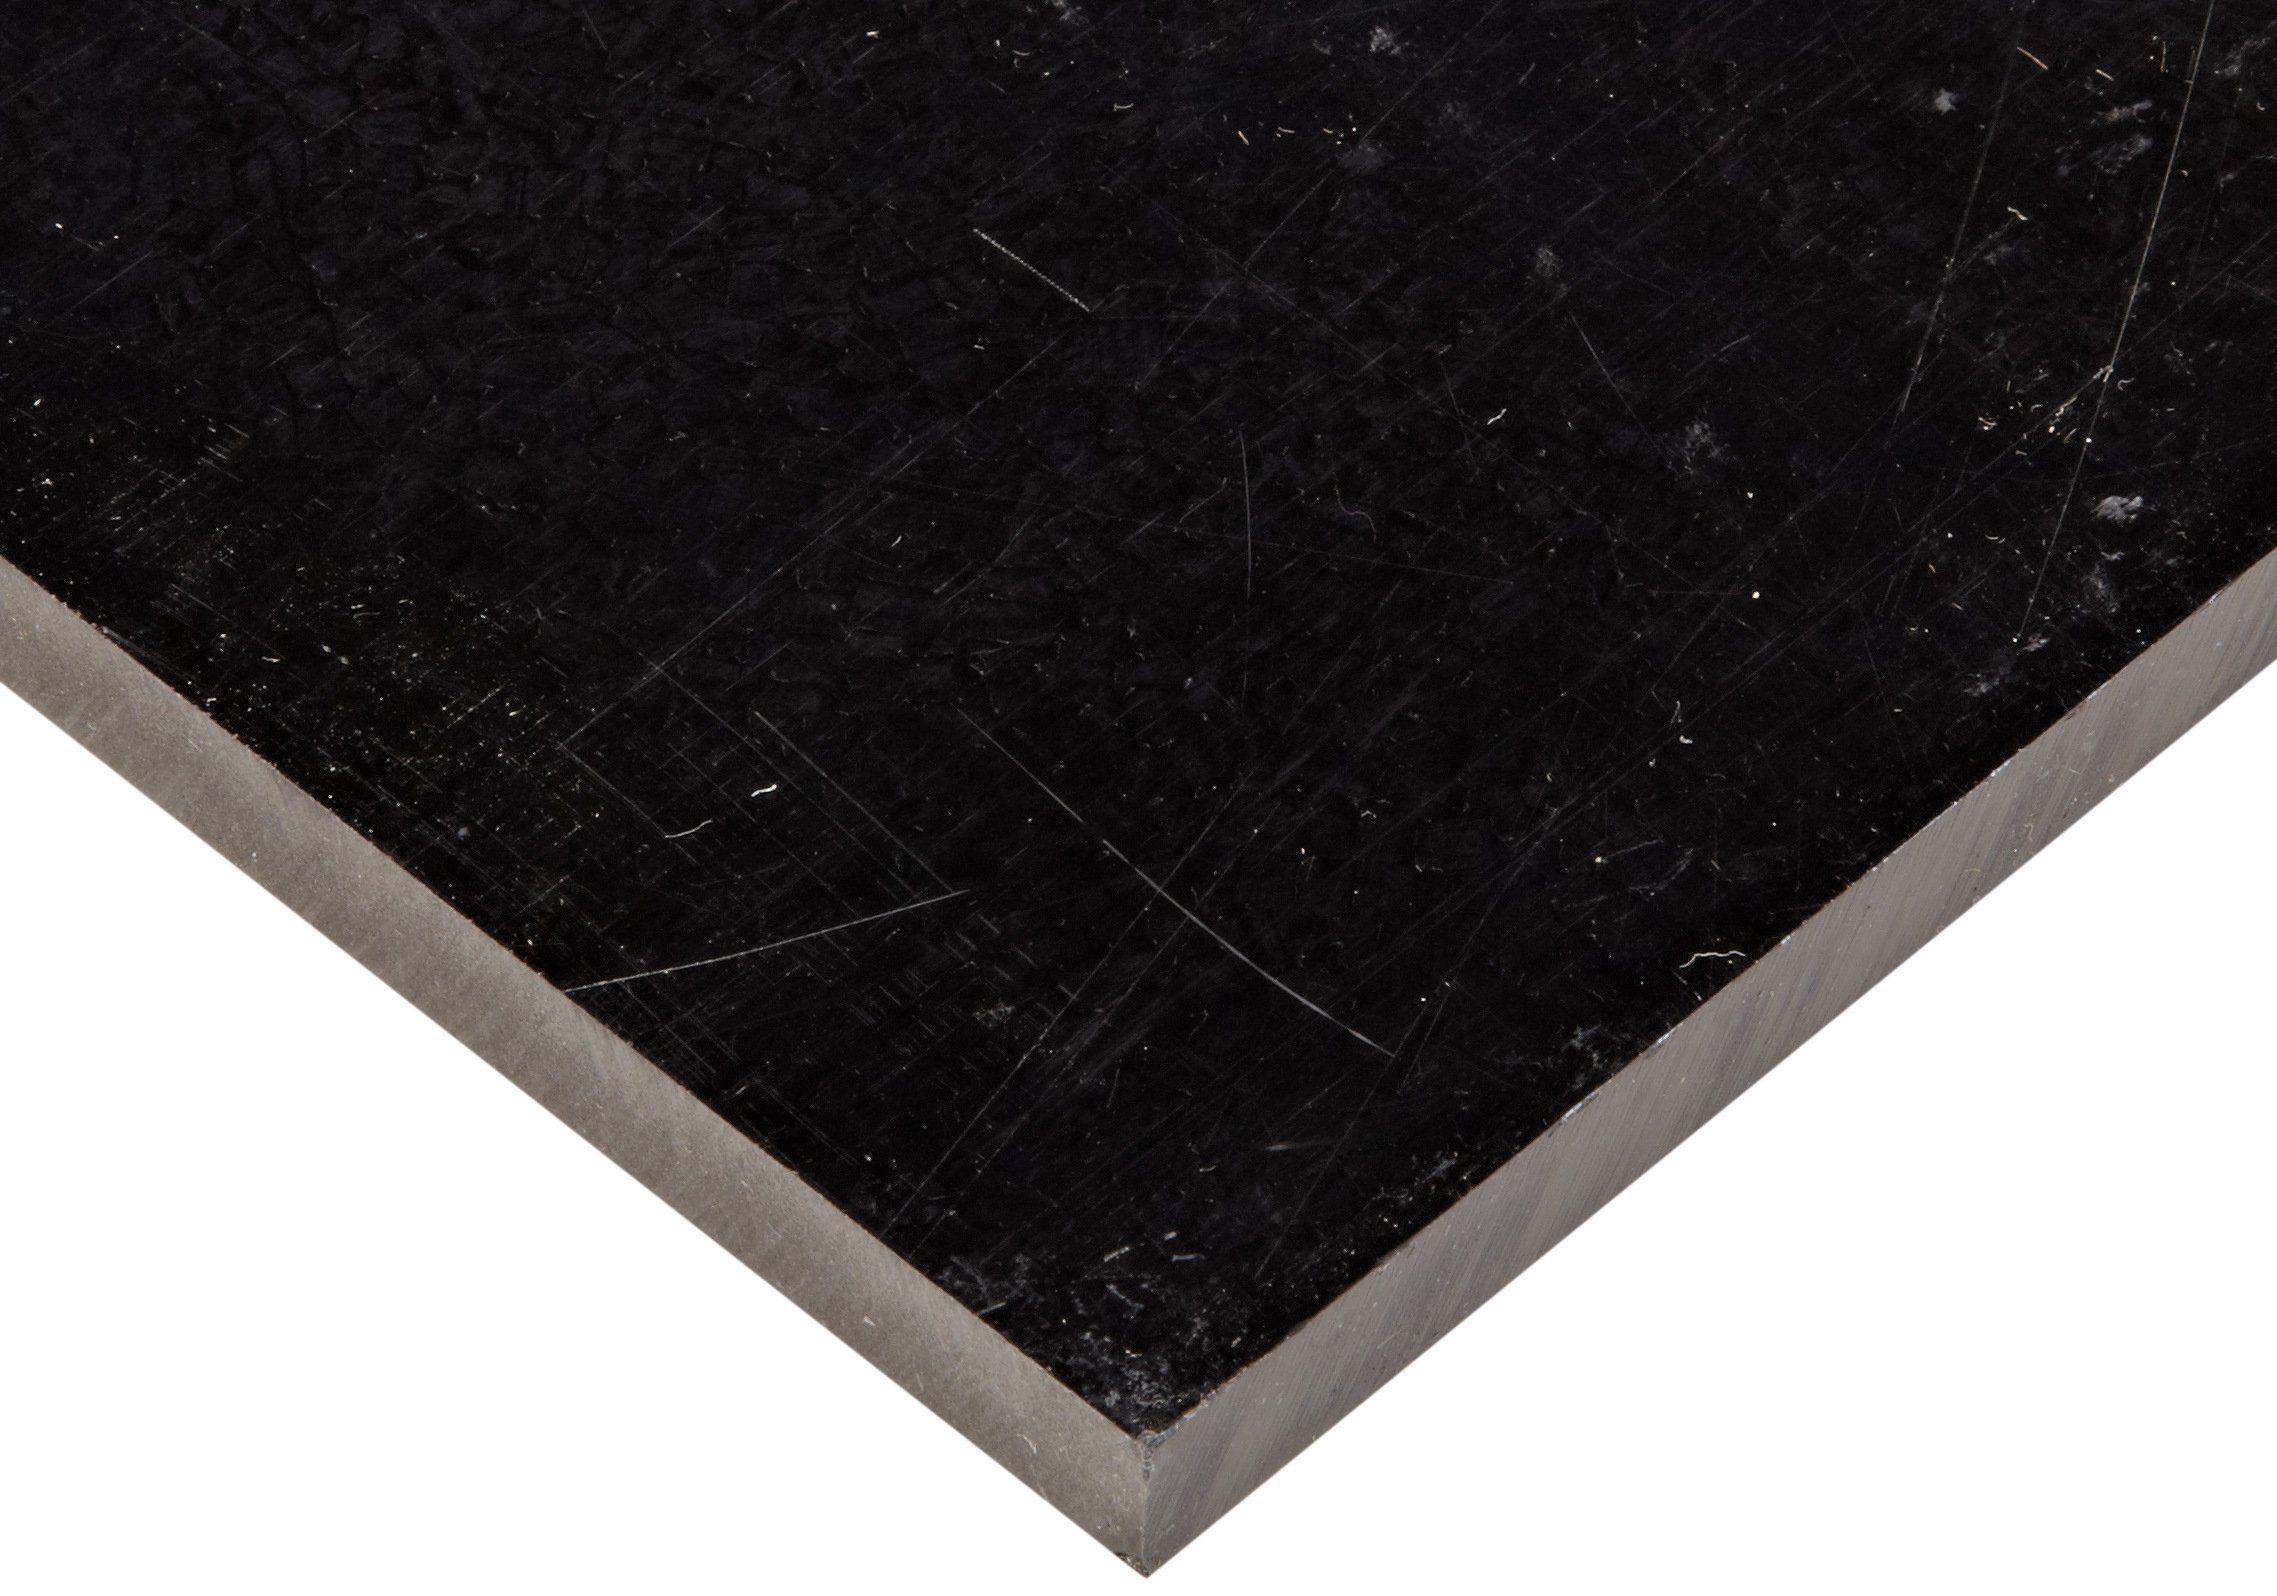 Abs Sheet Black Machine Grade Styrene Sheets Styrene Plastic Acrylonitrile Butadiene Styrene